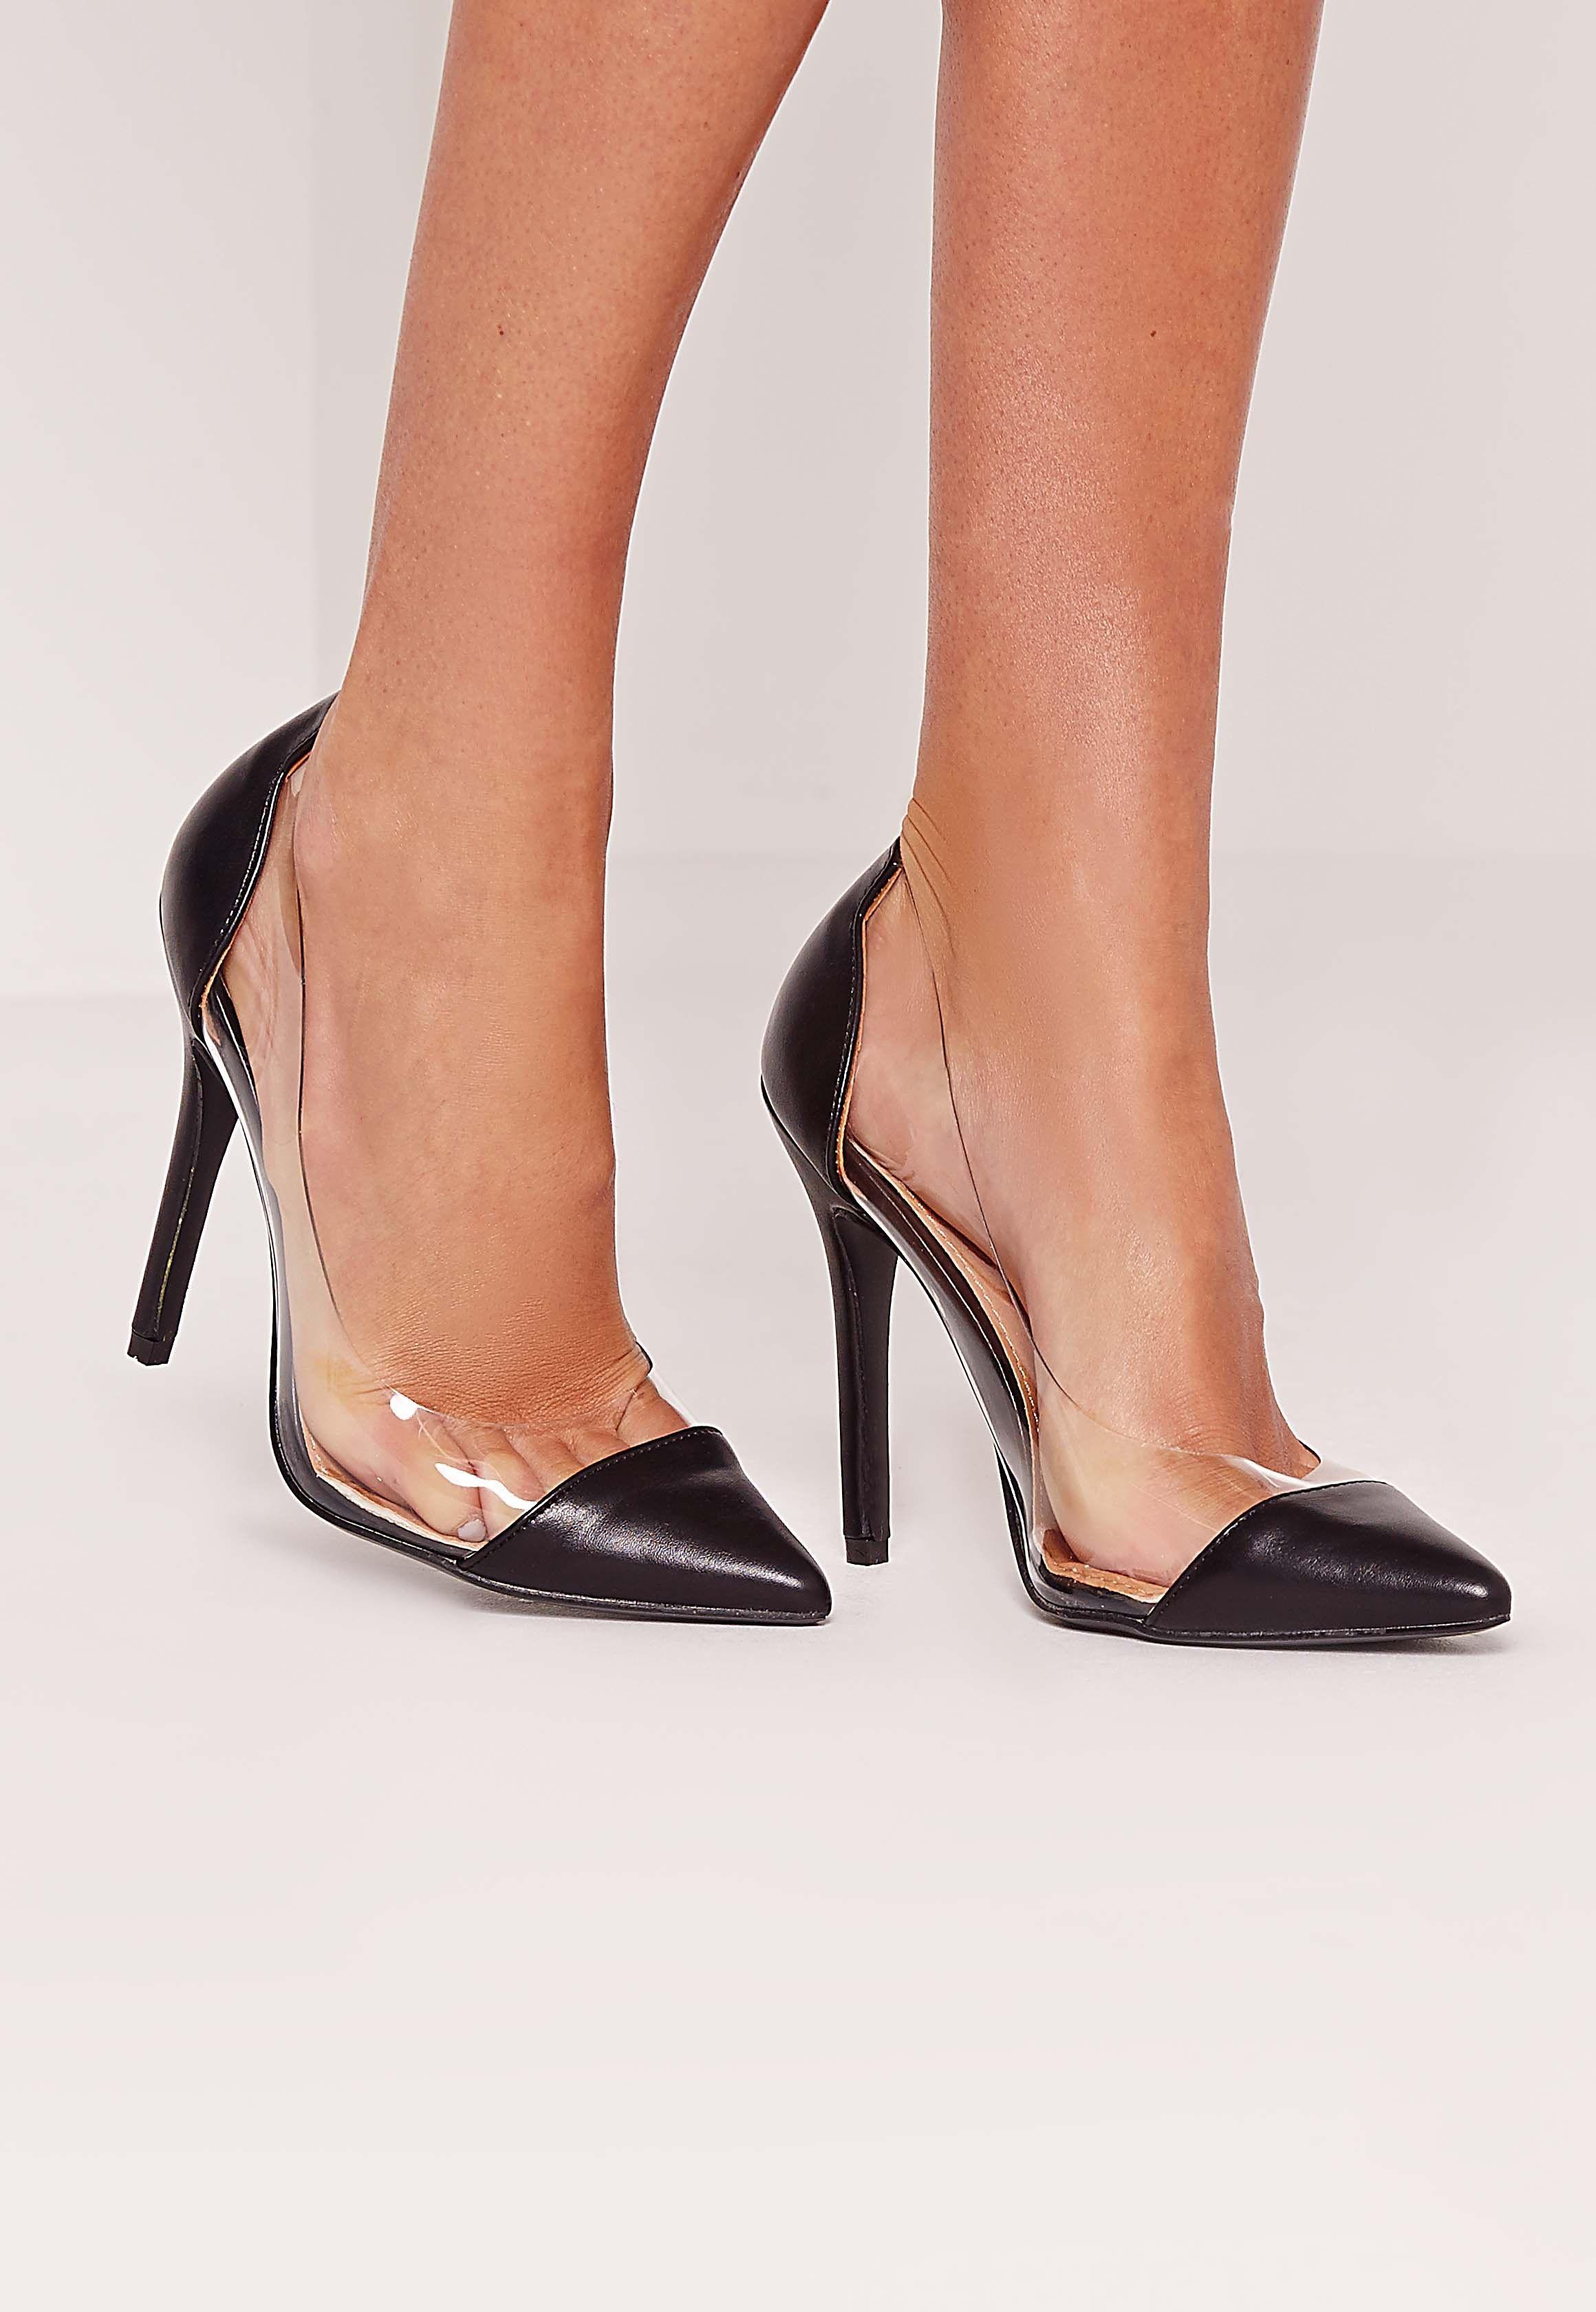 f10f9e0ed76e Missguided - Perspex court shoe black